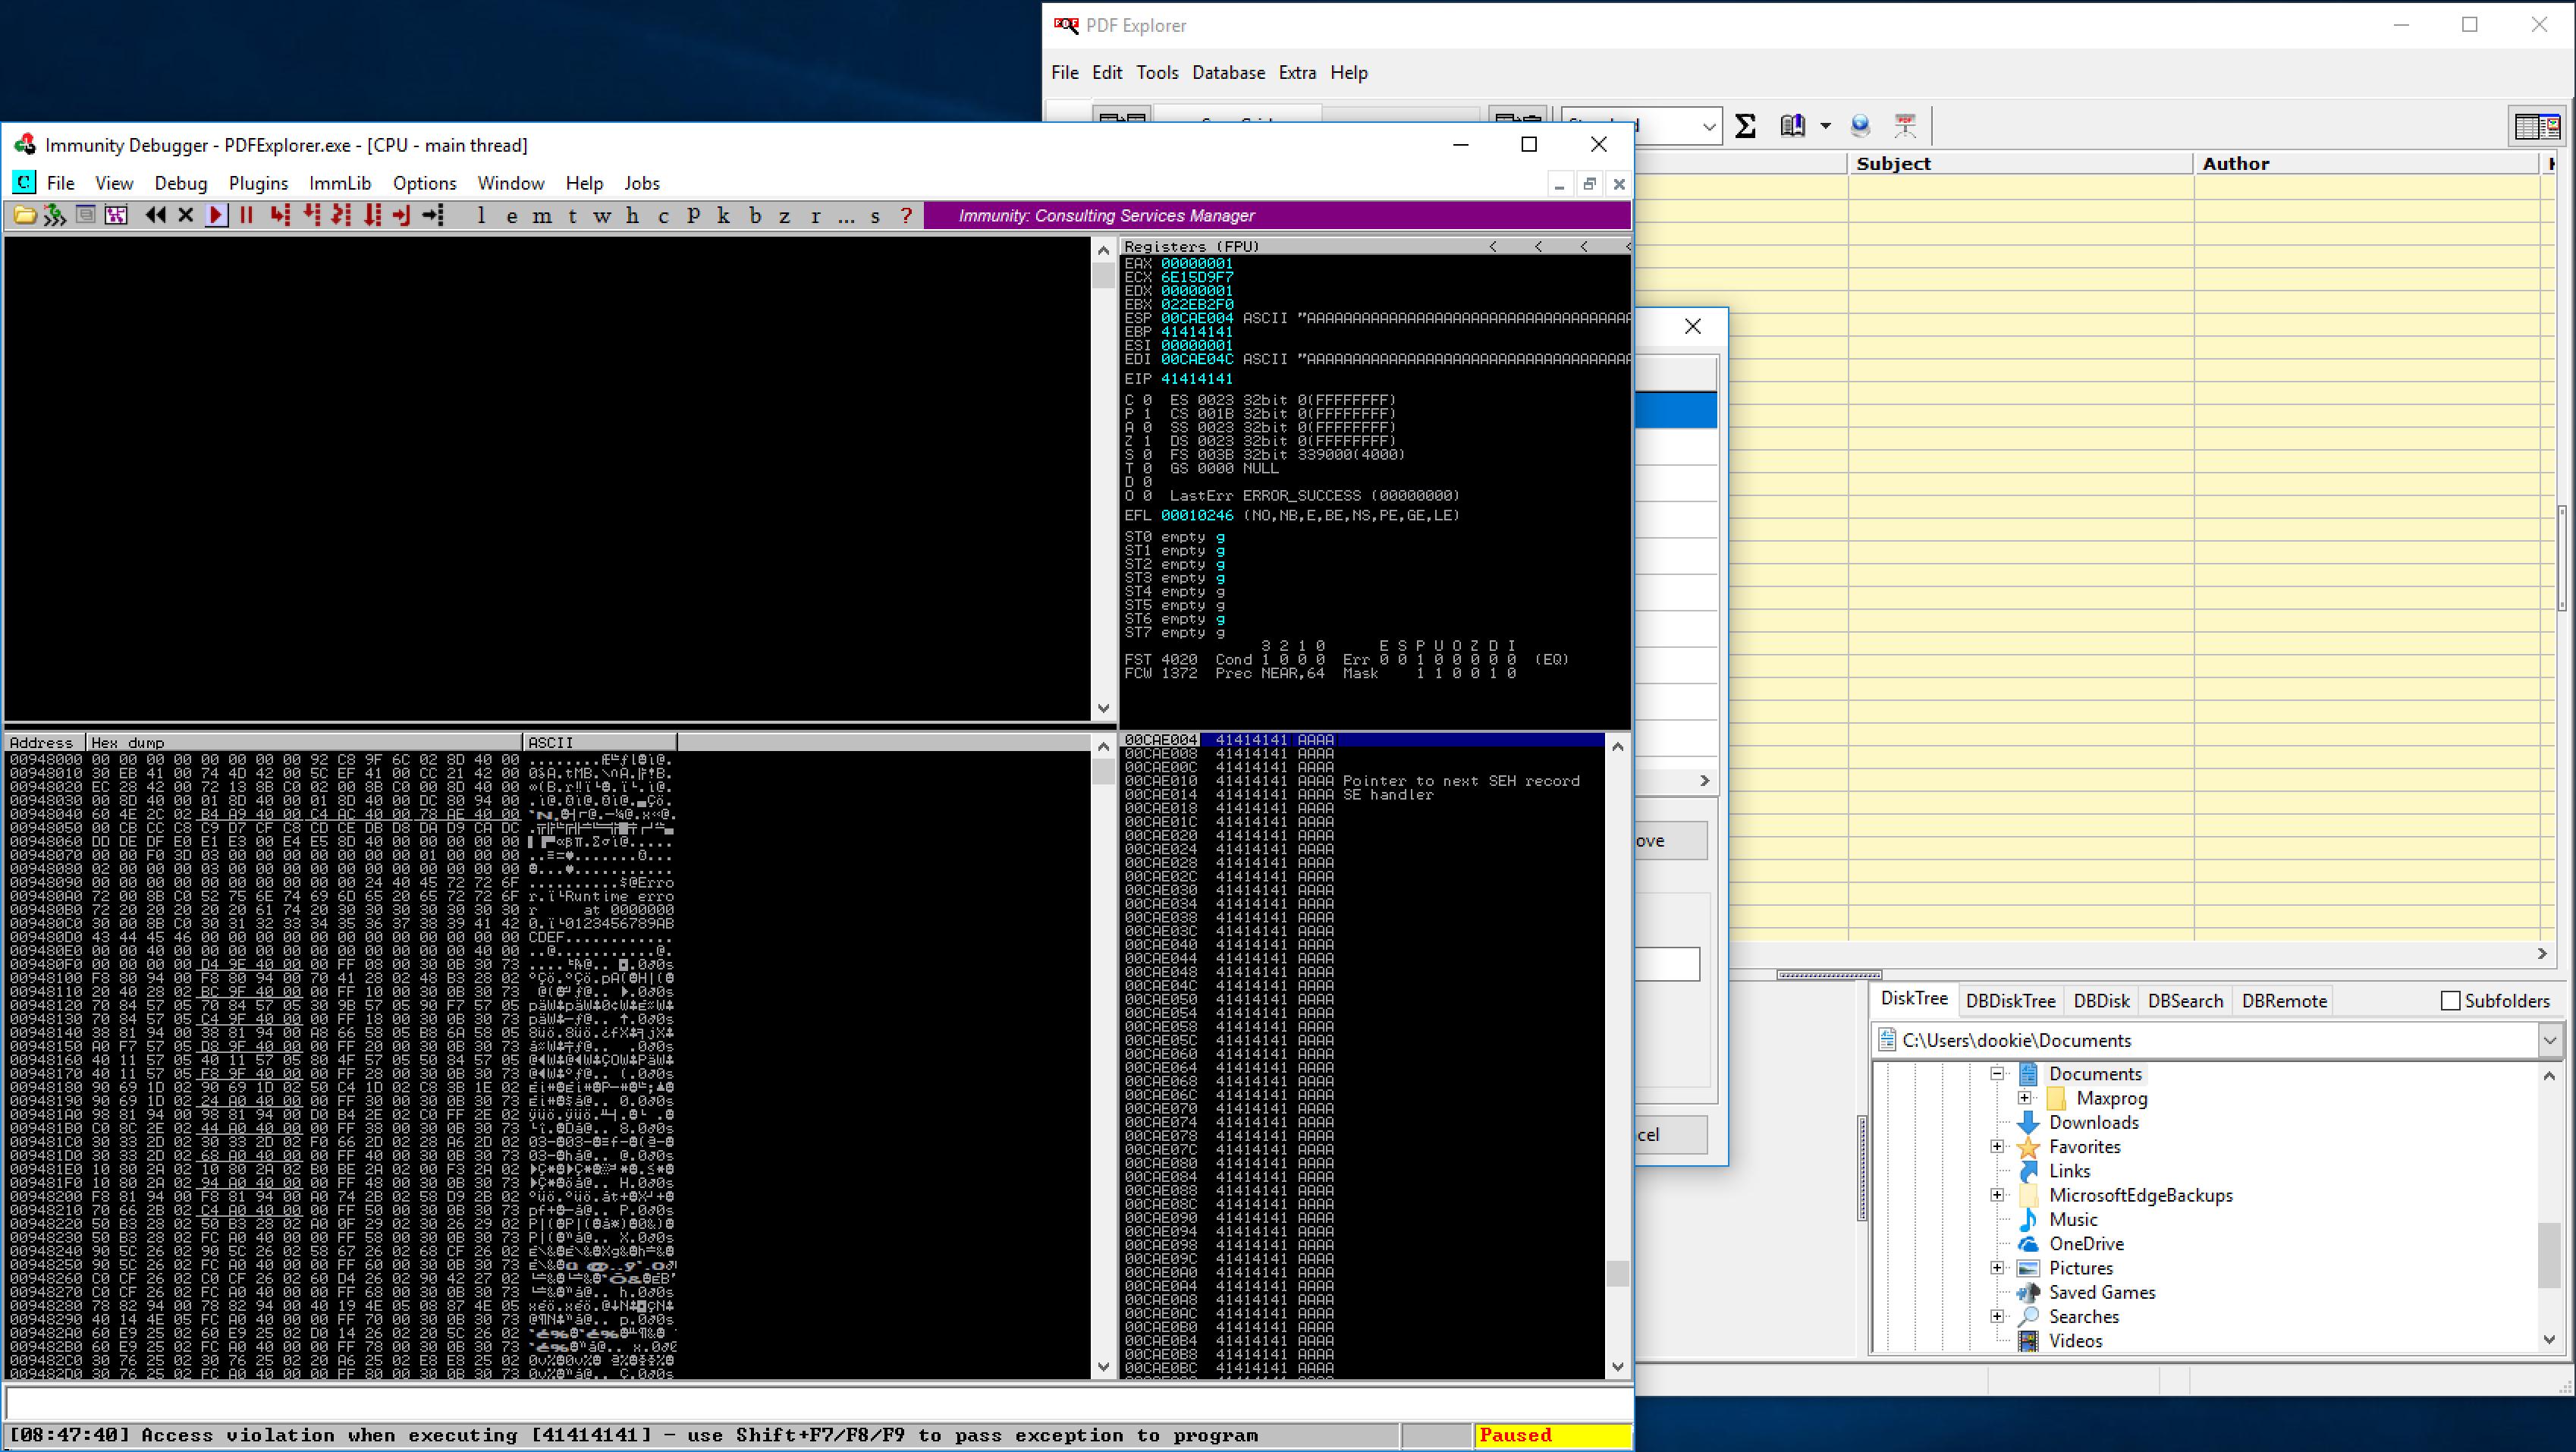 PDF Explorer 1 5 66 2 - Denial of Service (PoC) - Windows